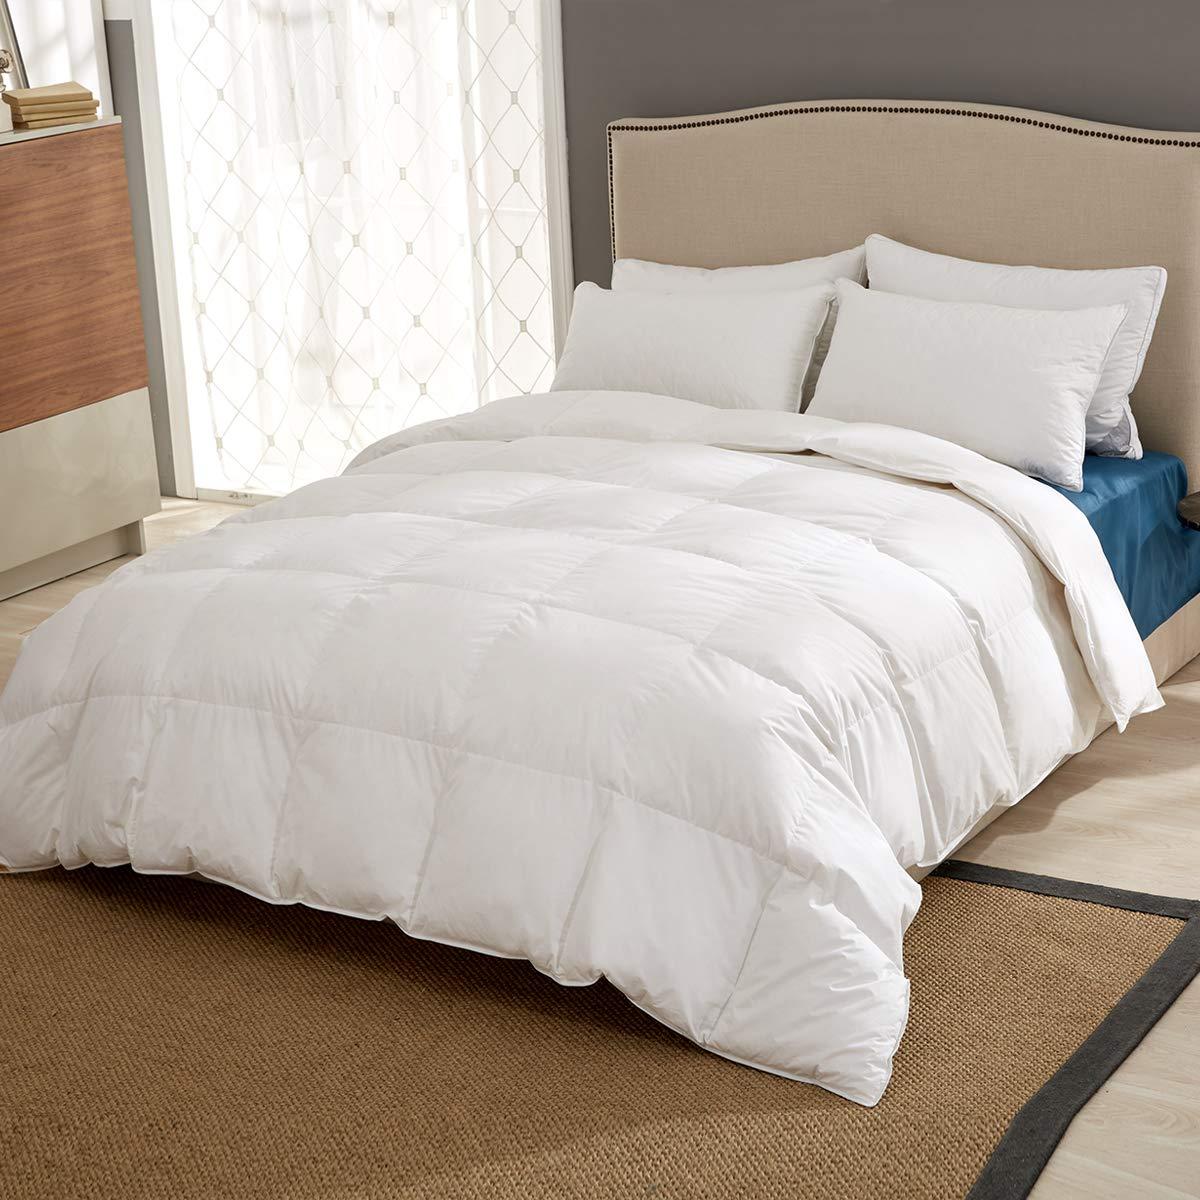 Puredown Bettdecke, weiße Gänsedaunen, Steppbett, Feder und Daunen, Wärmestufe 4, weiß, baumwolle, weiß, King Size